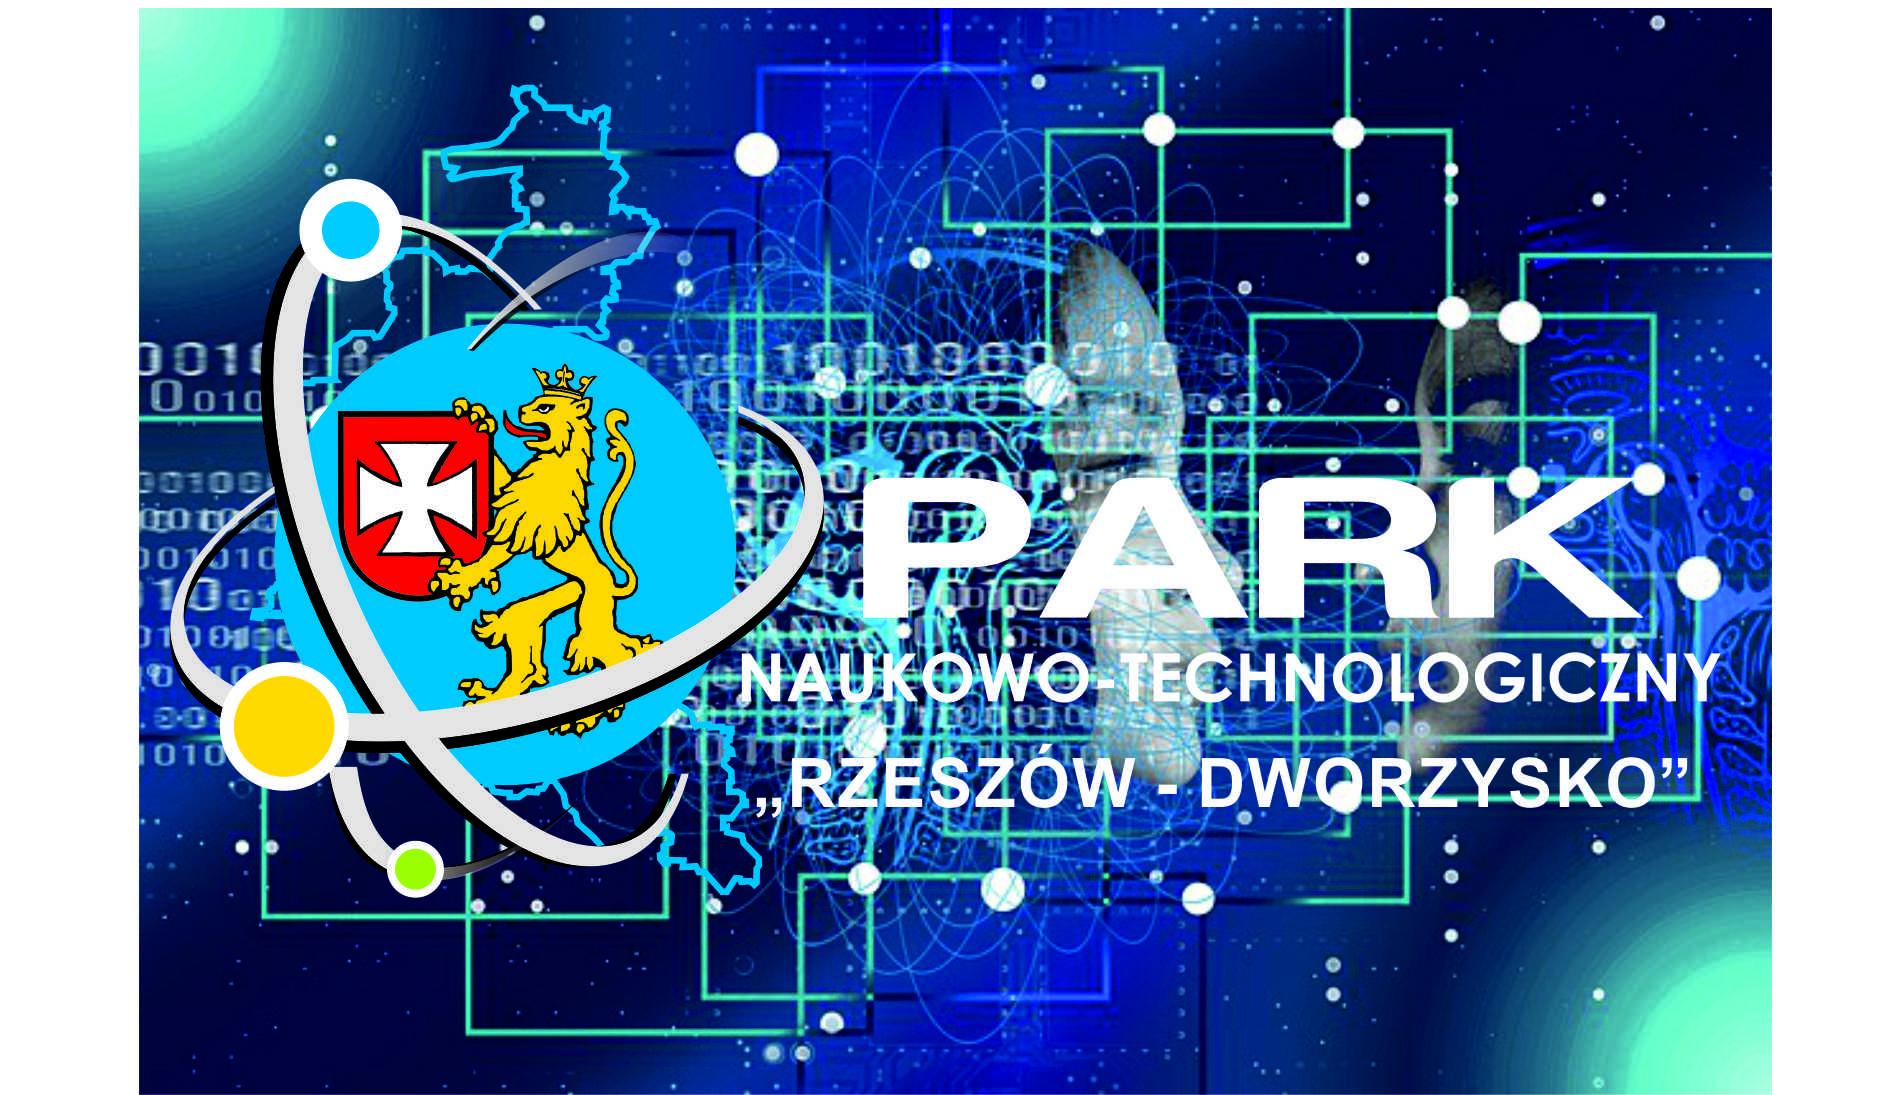 """Ogłoszenie przetargu na sprzedaż nieruchomości na terenie Parku Naukowo-Technologicznego """"Rzeszów-Dworzysko"""""""